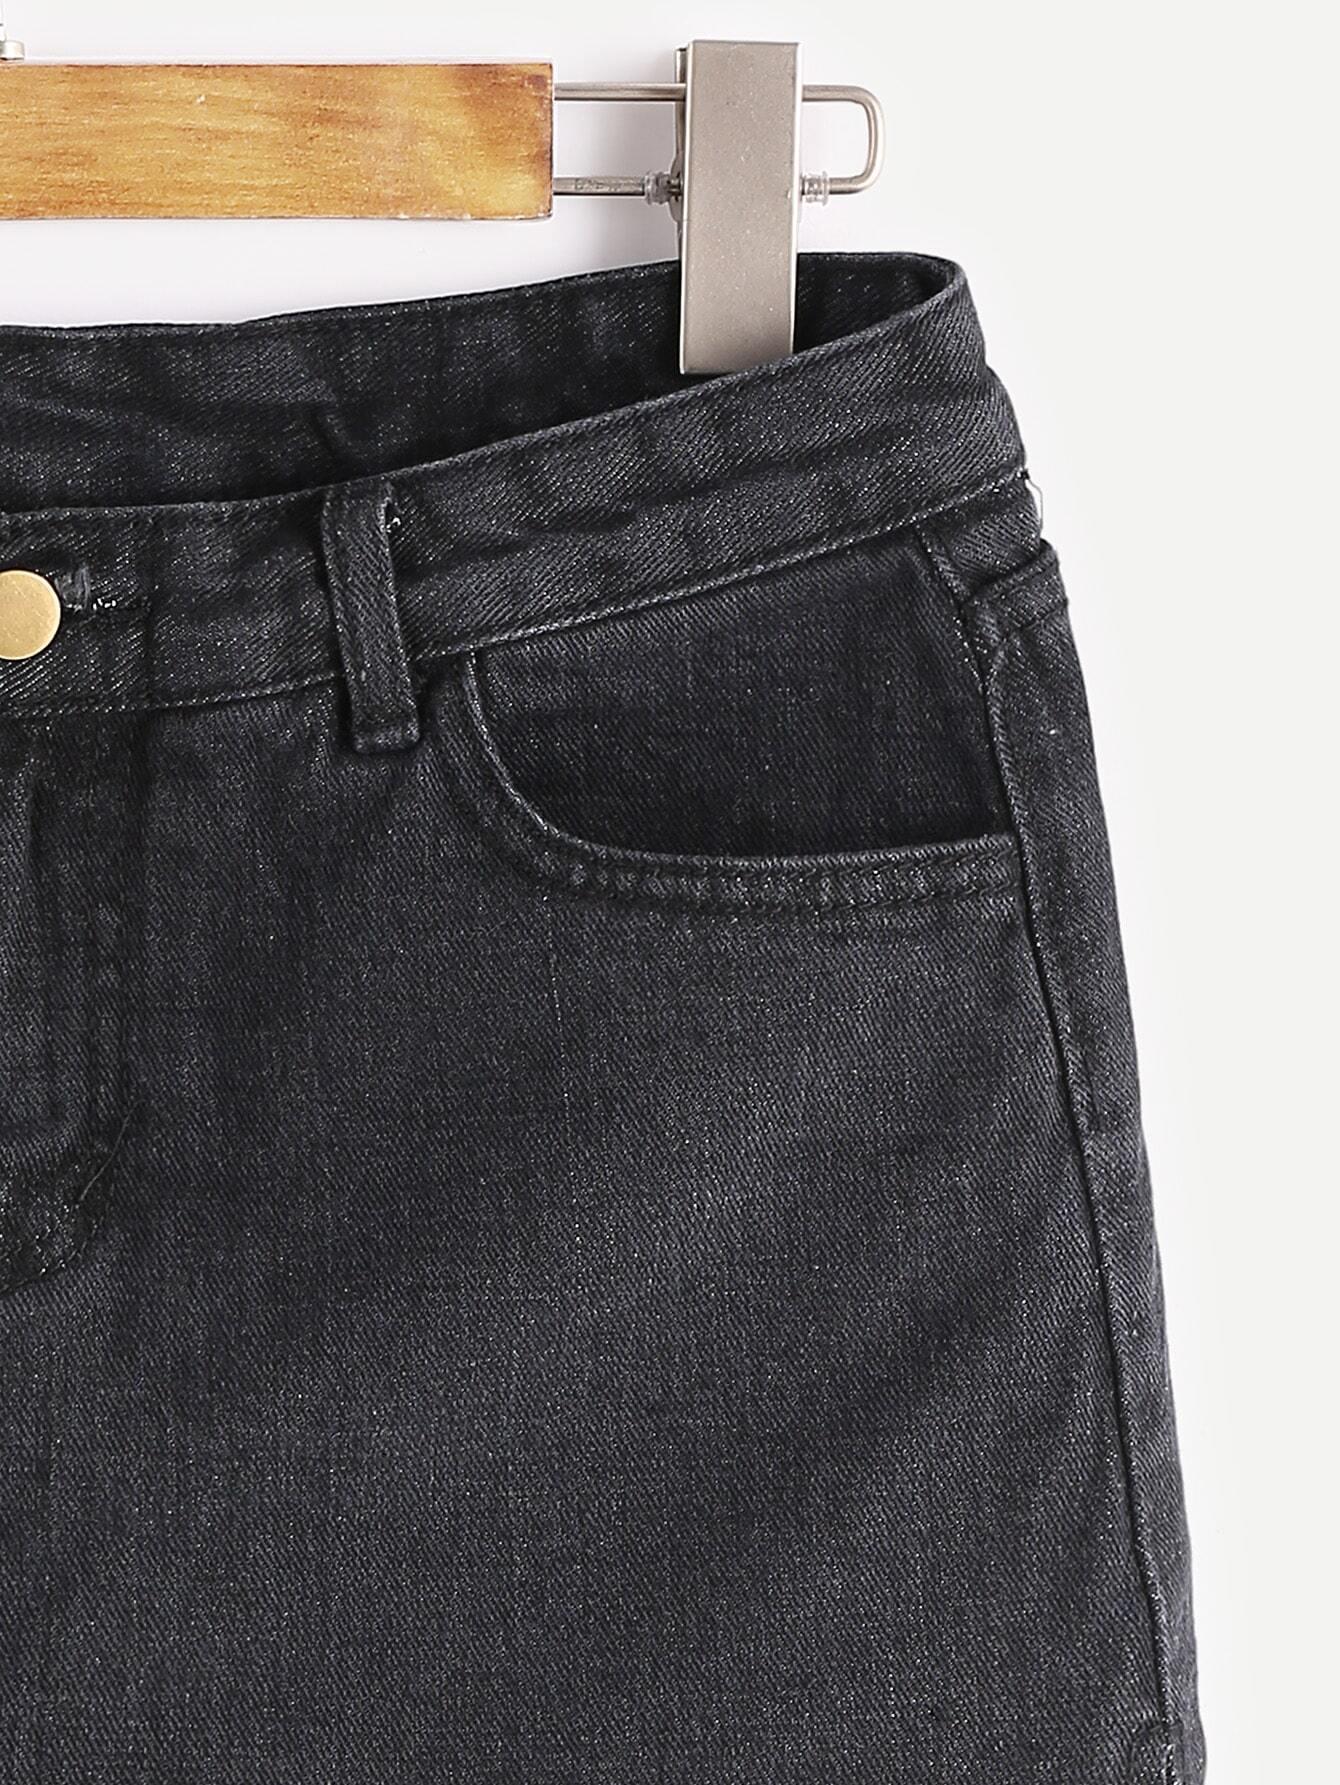 a jupe en jean ourlet d chir noir french romwe. Black Bedroom Furniture Sets. Home Design Ideas